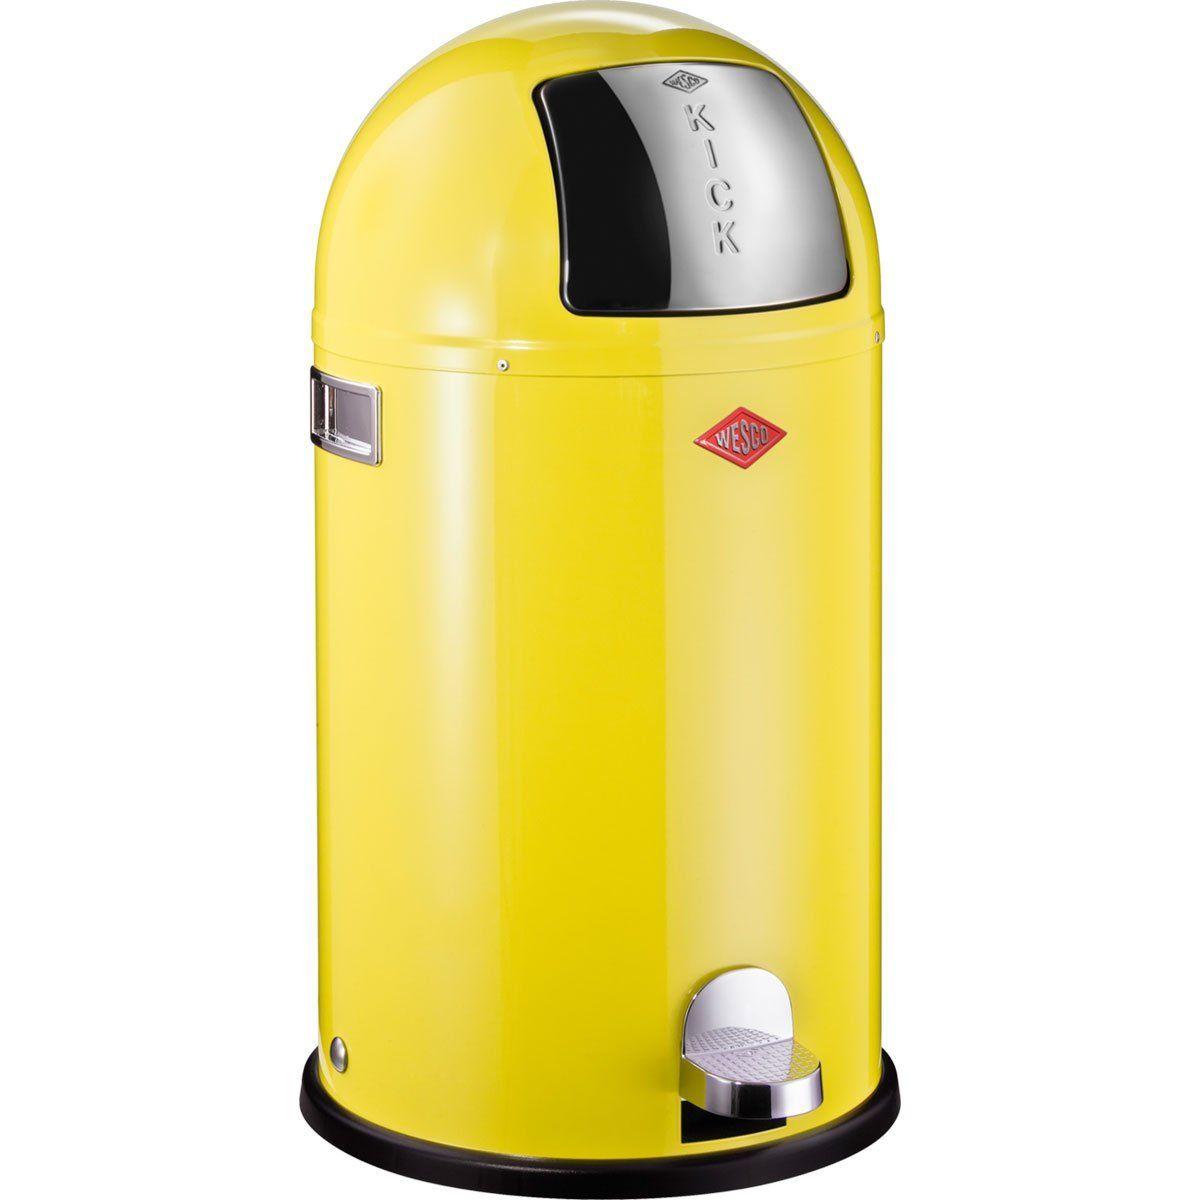 Wesco 177 731-19 Poubelle Kickboy (Jaune citron): Amazon.fr ...